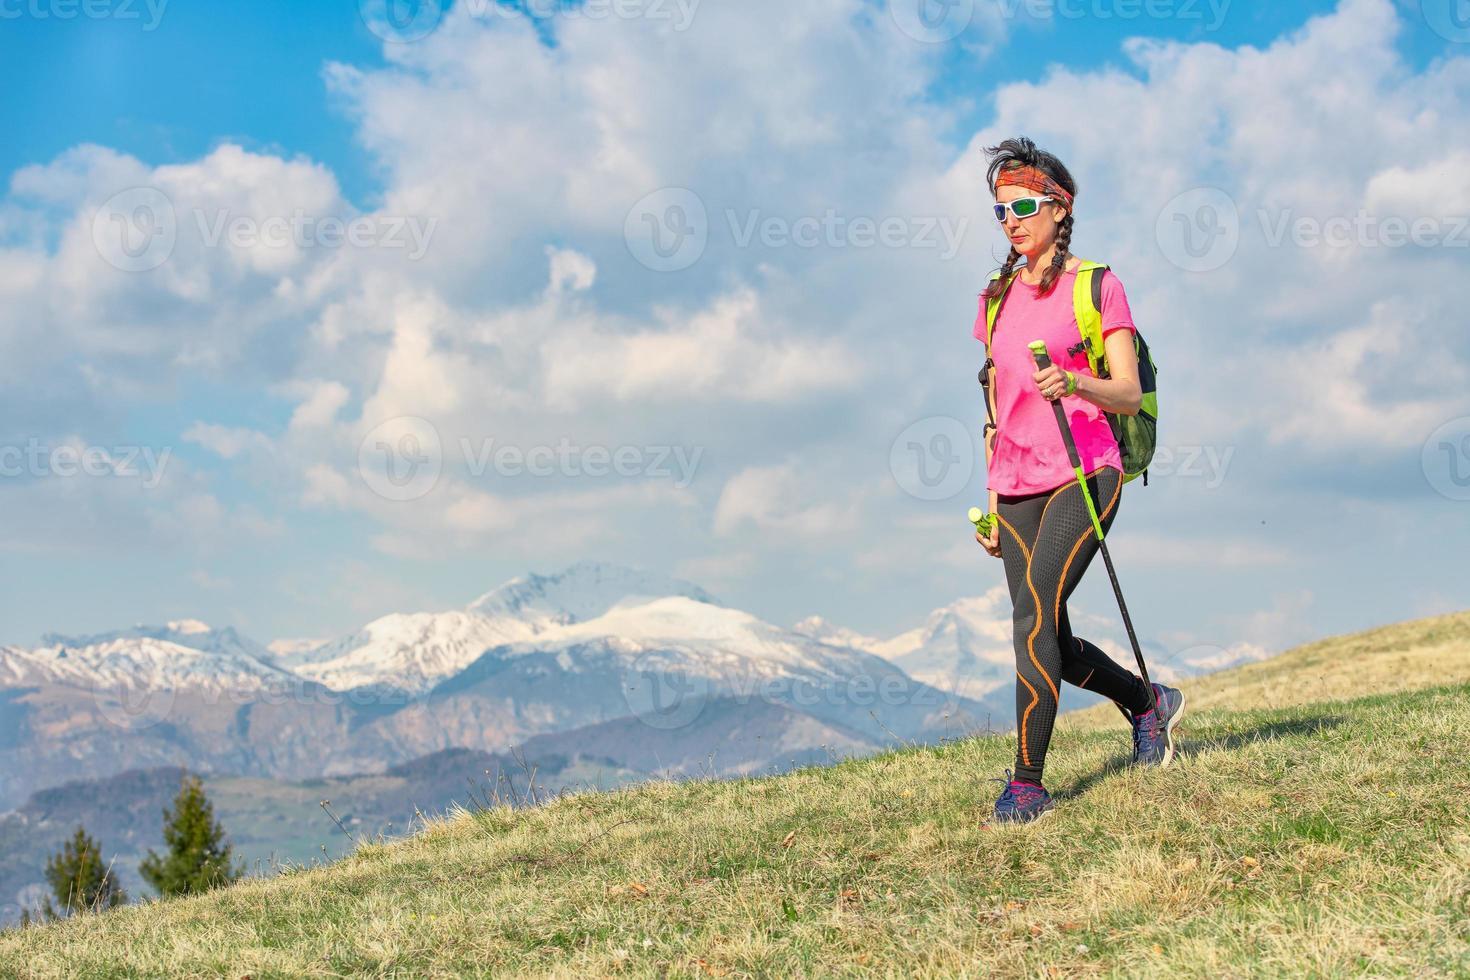 Spaziergang auf den frühlingshaften Bergwiesen mit schneebedeckten Bergen im Hintergrund foto